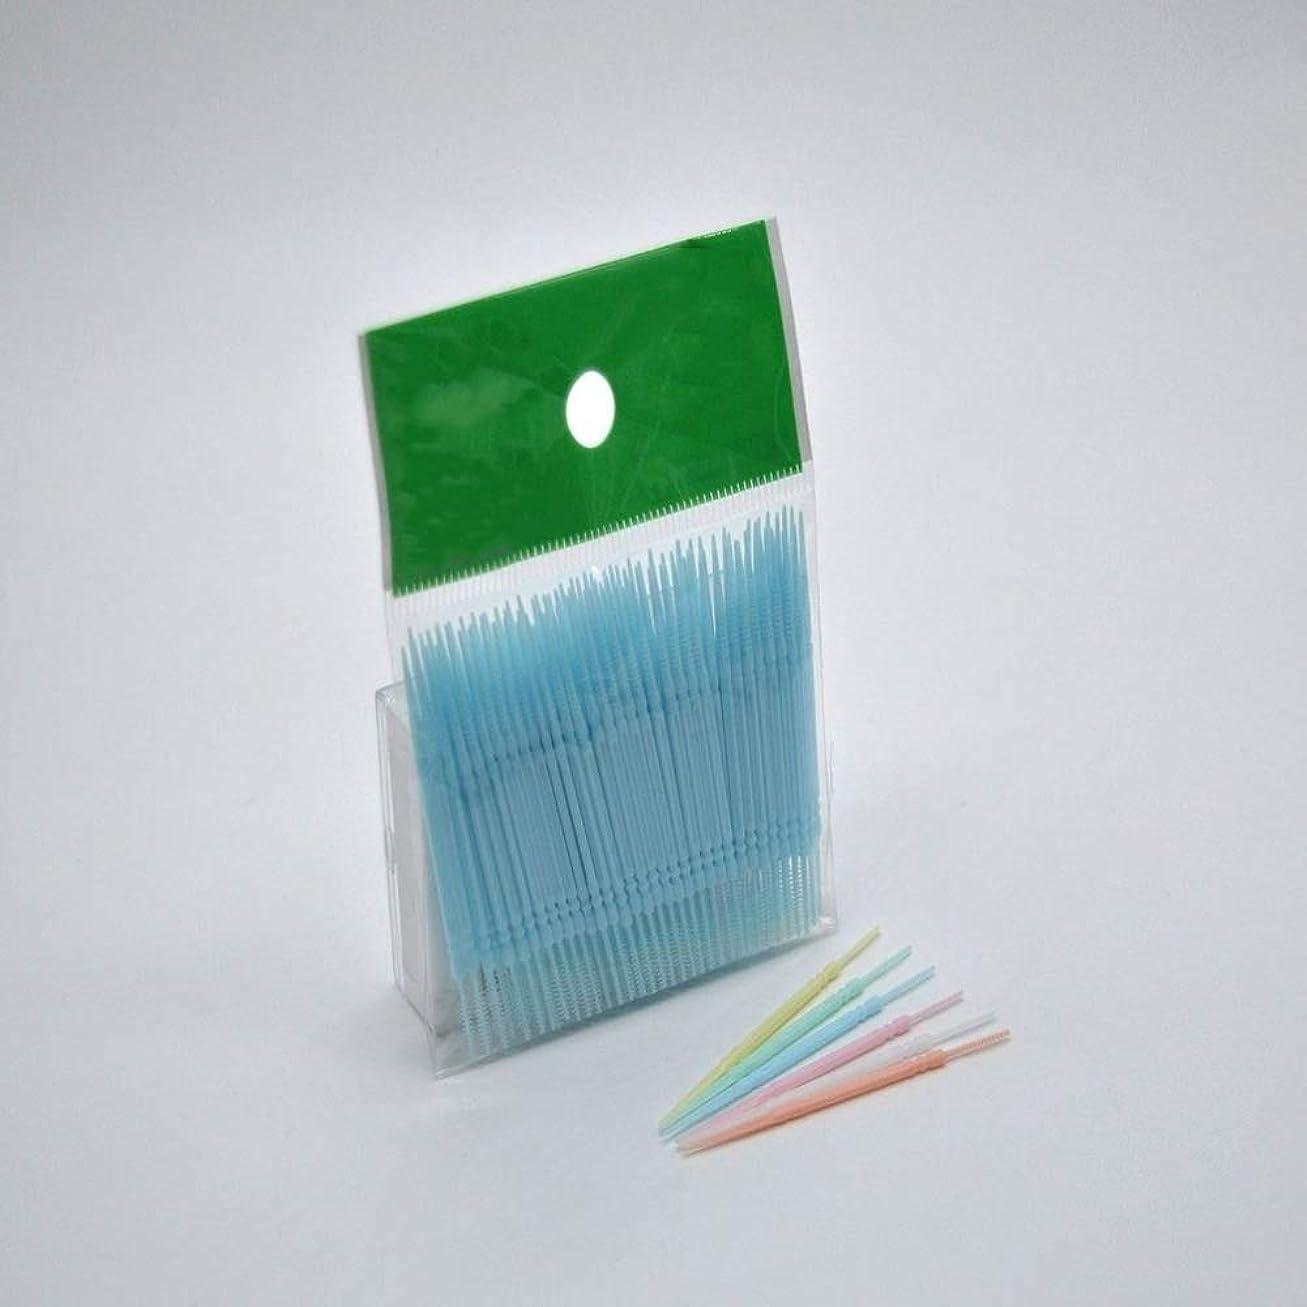 愛情交渉する過度の使い捨てダブルヘッドプラスチック歯フロス衛生歯科フロス歯間つまようじ健康用歯磨き,Blue,400pcs